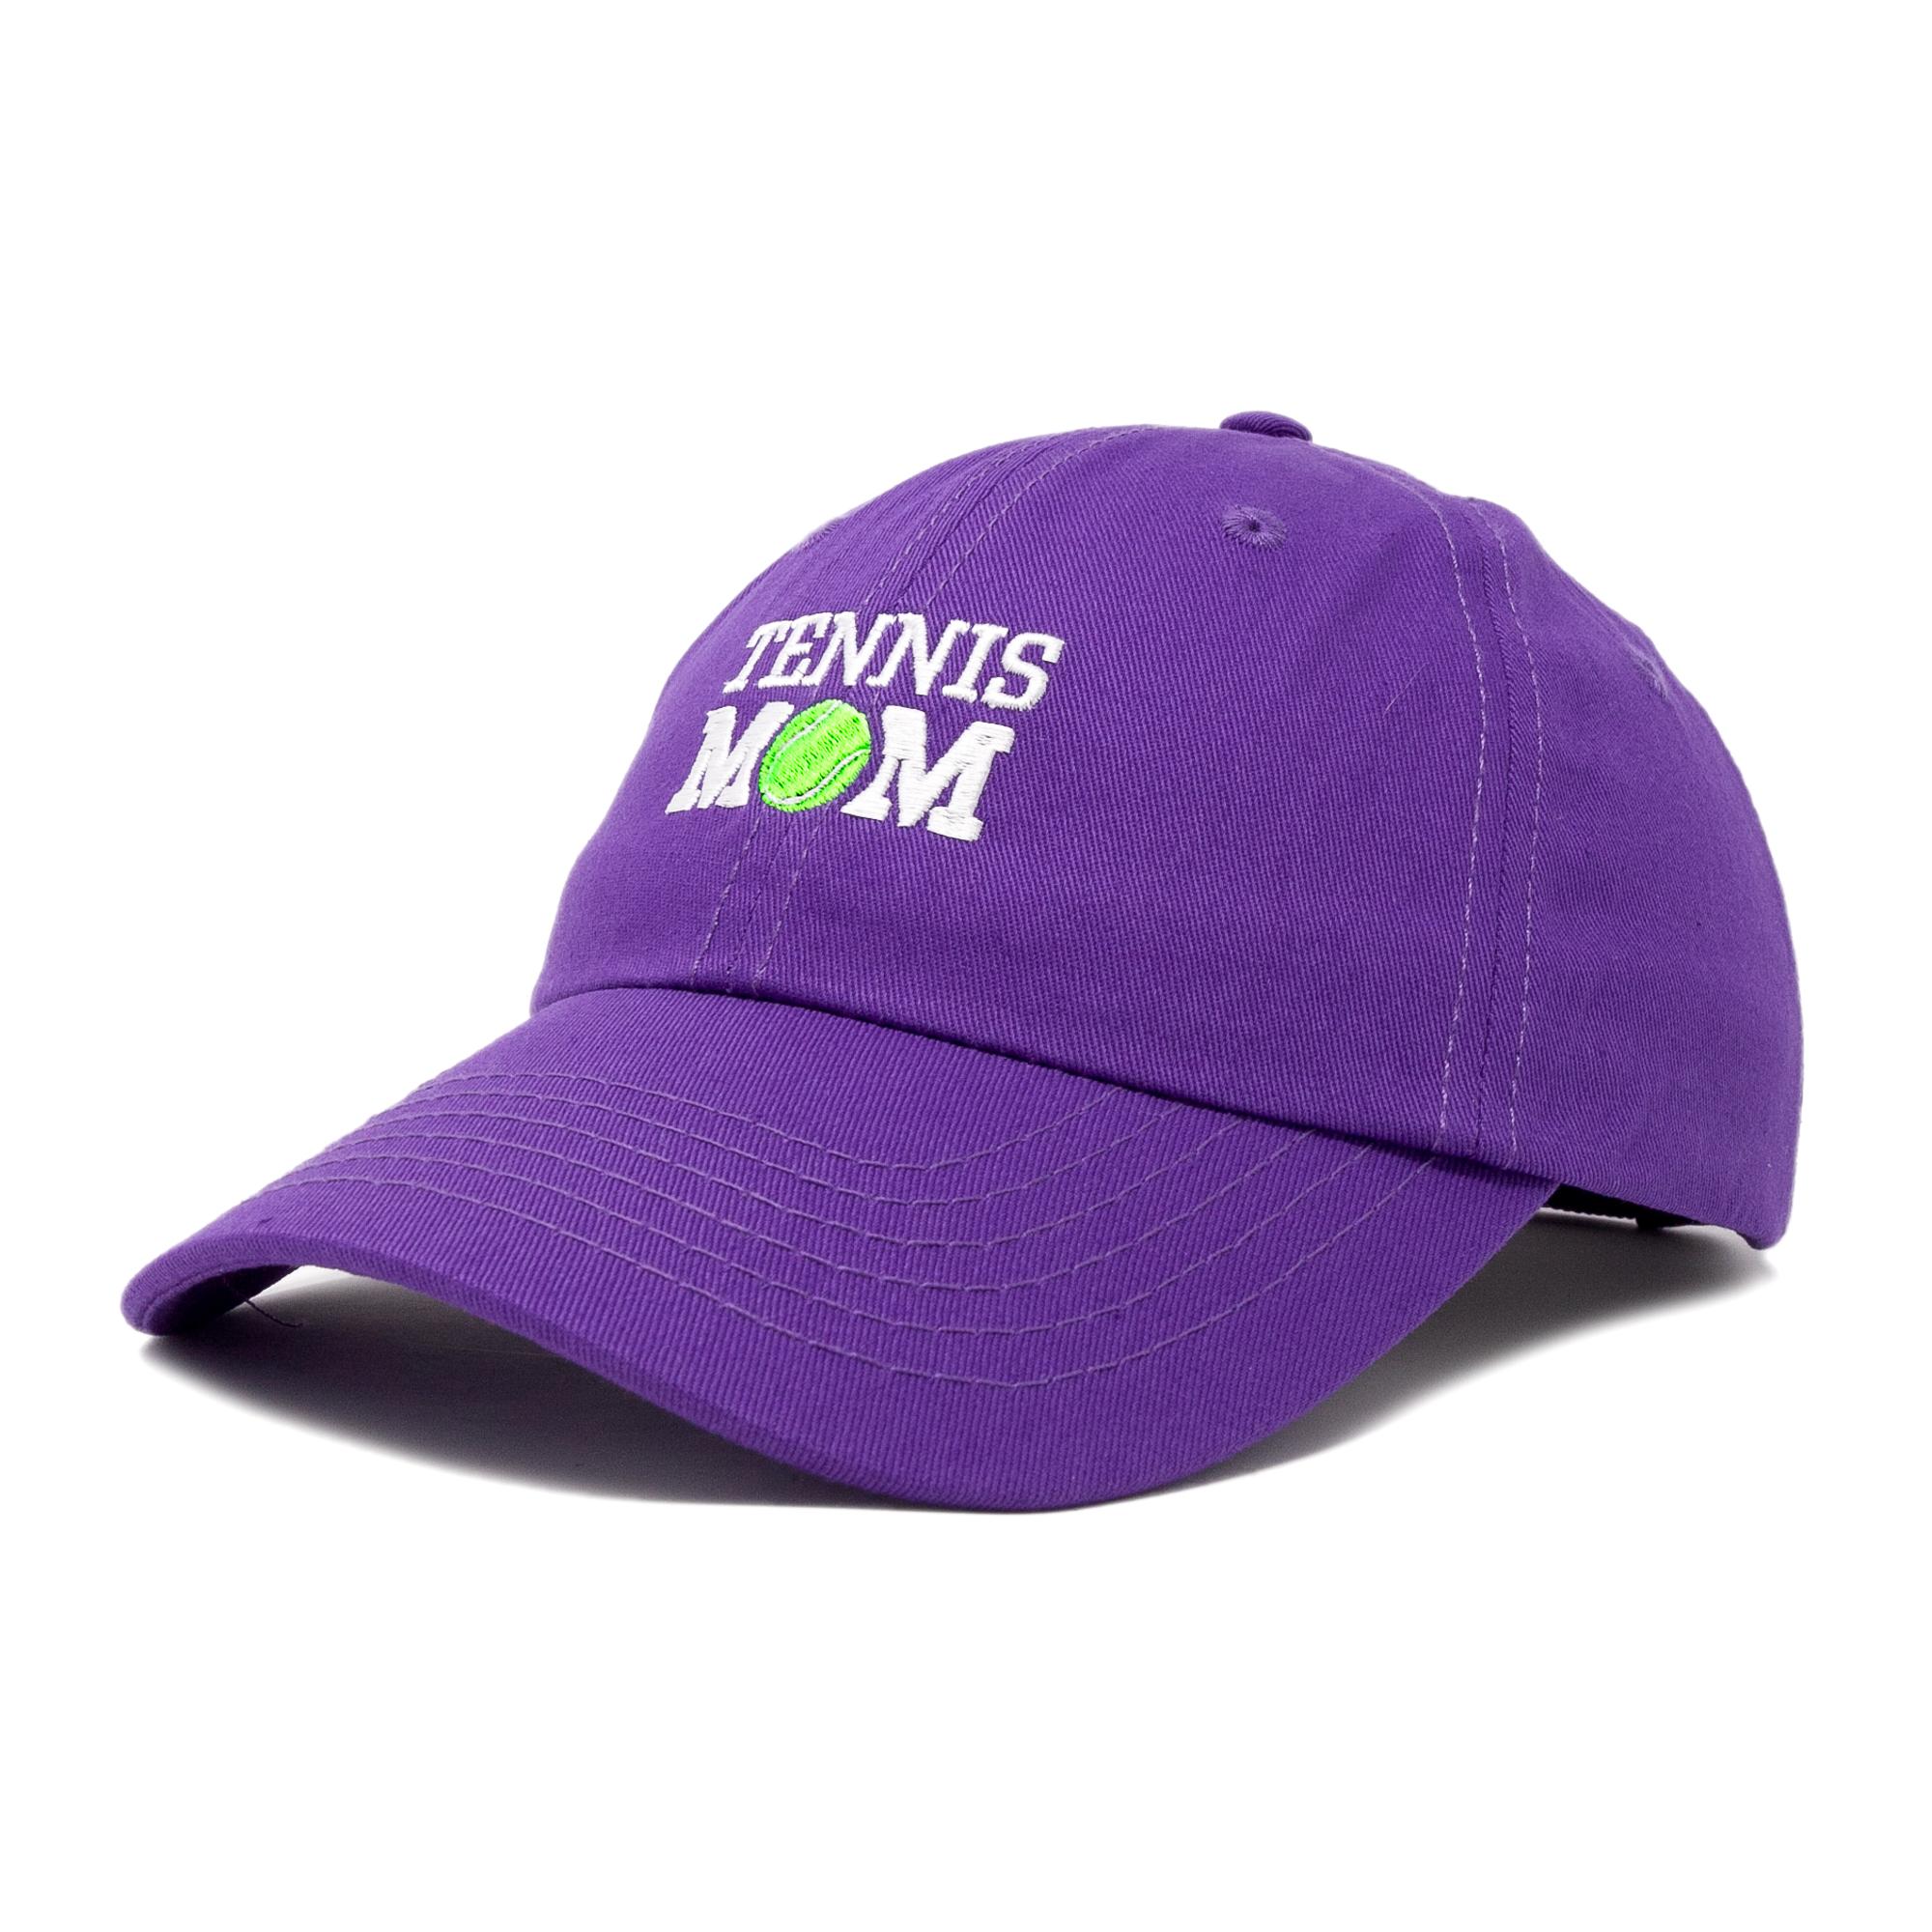 DALIX Premium Cap Tennis Mom Hat for Women Hats and Caps in Black